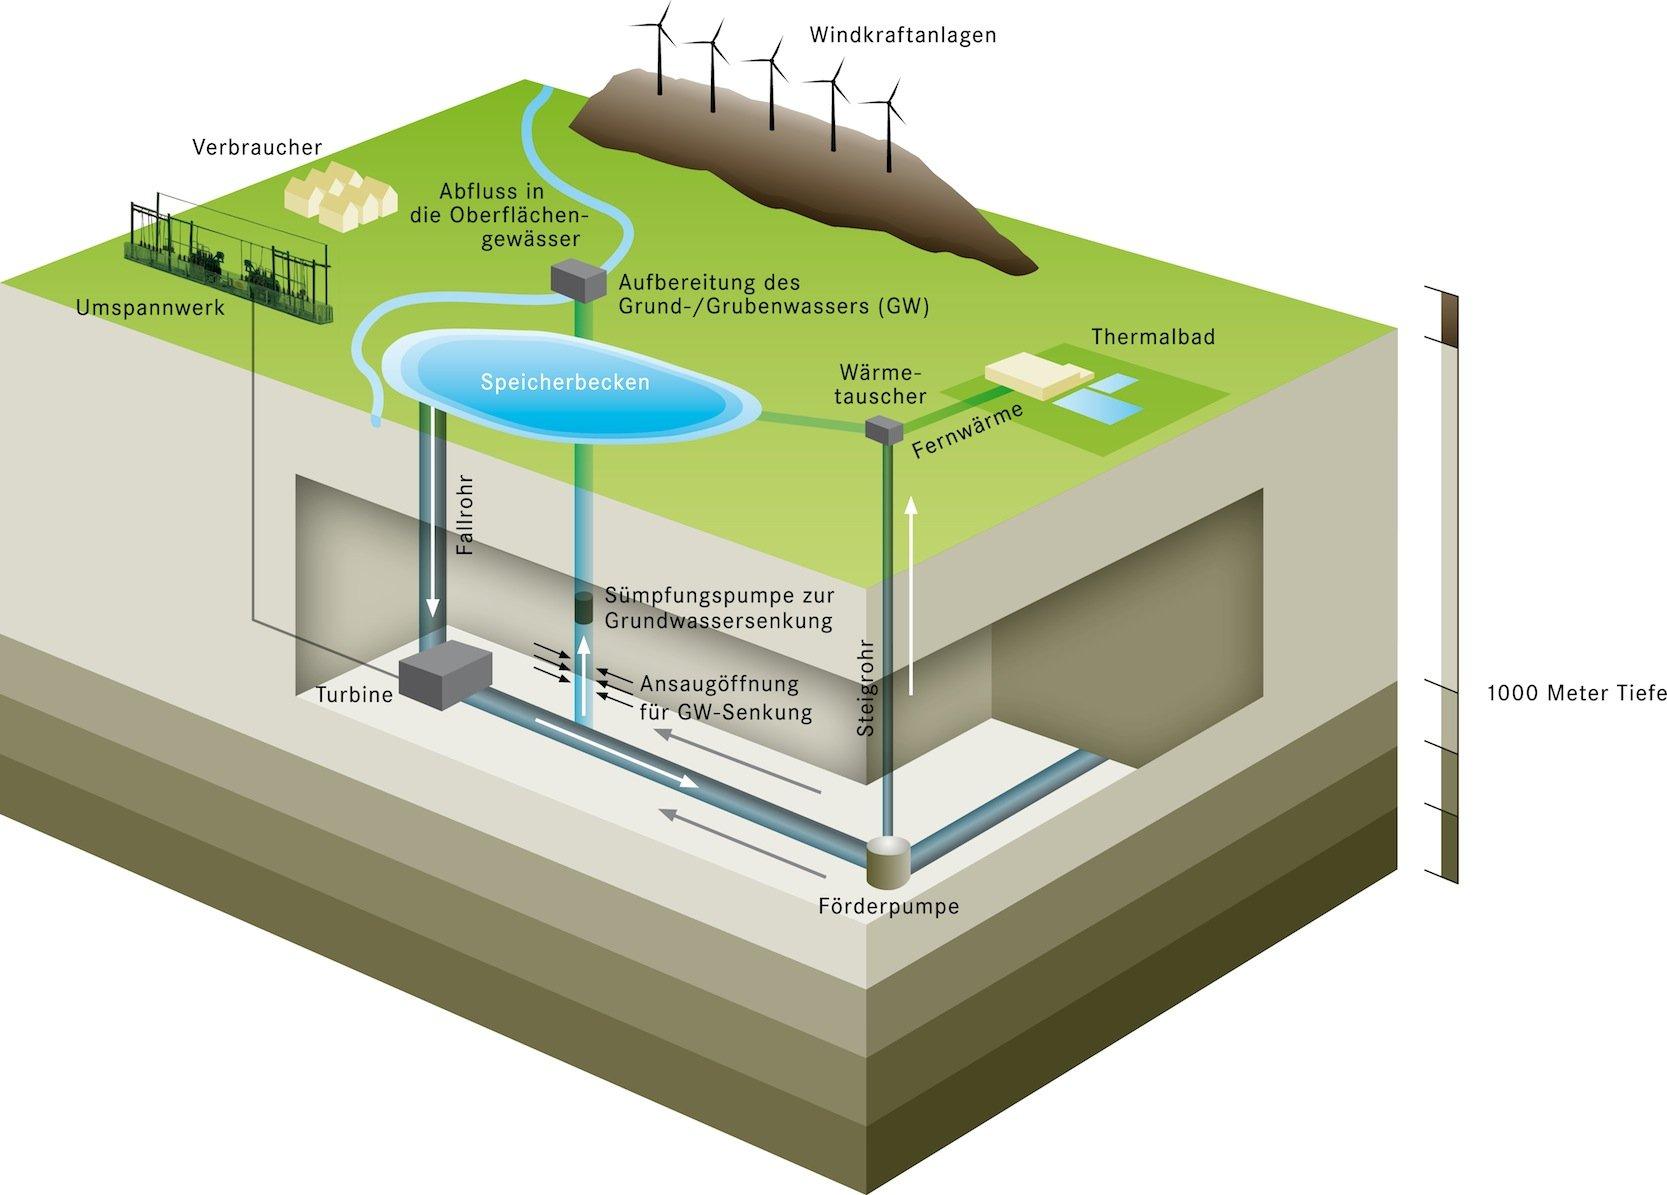 Unter dem ruhrgebiet entsteht ein riesiger energiespeicher for Ingenieur bergbau